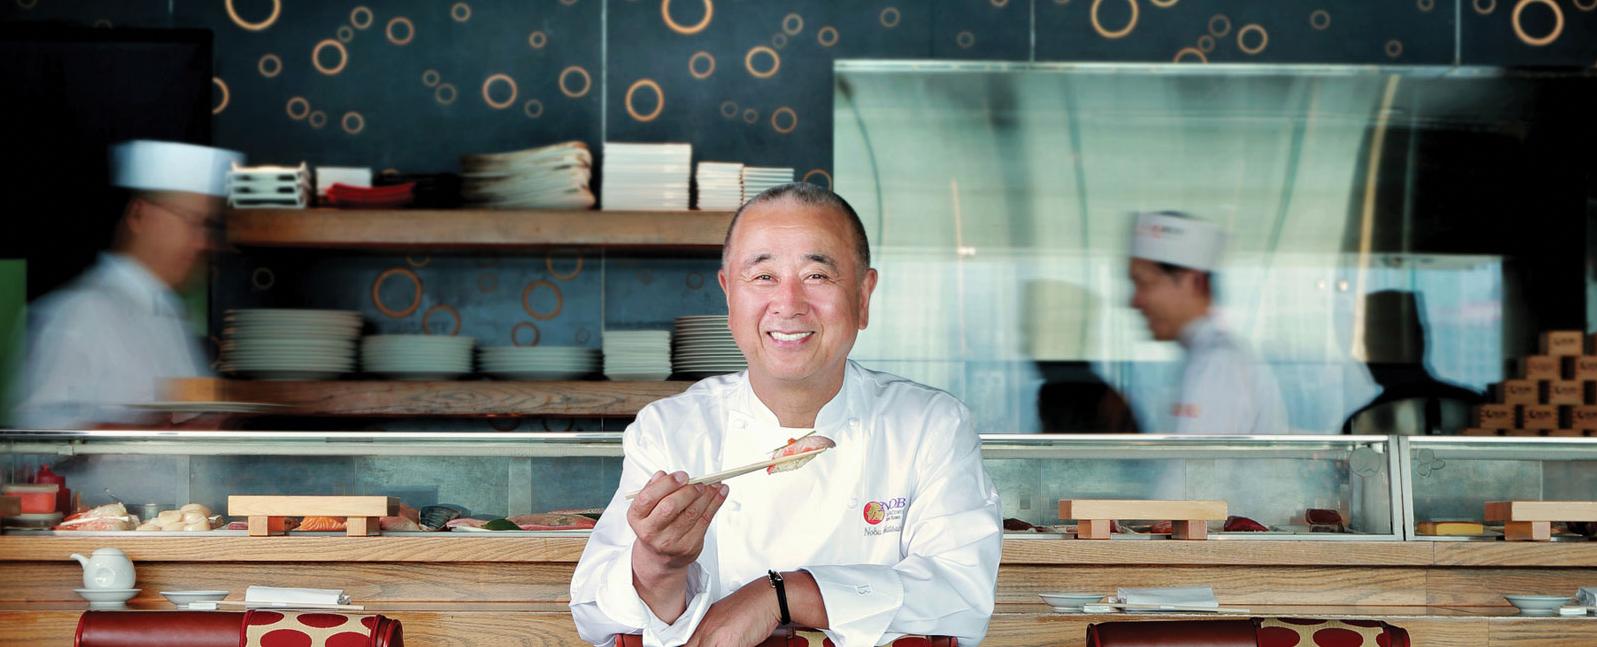 Chef Nobu Matsuhisa at Nobu InterContinental Hong Kong